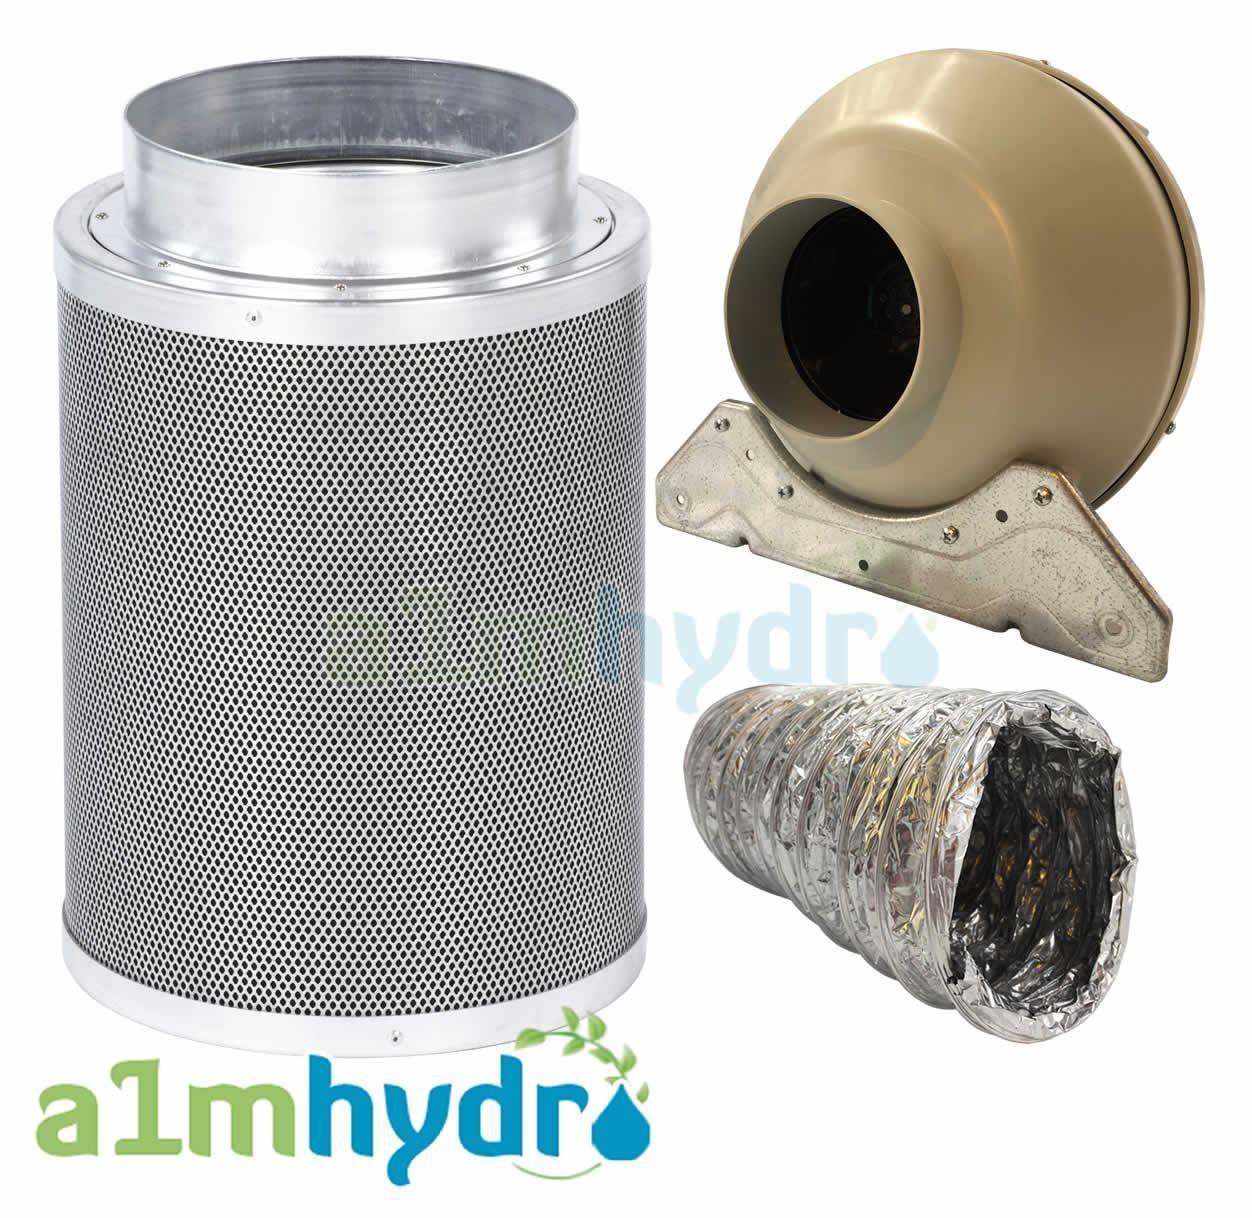 Rhino Hobby Kit De Filtro De Papel De Aluminio 5M de extracción de Ventilador RVK Aluminio Conductos Hydroponics